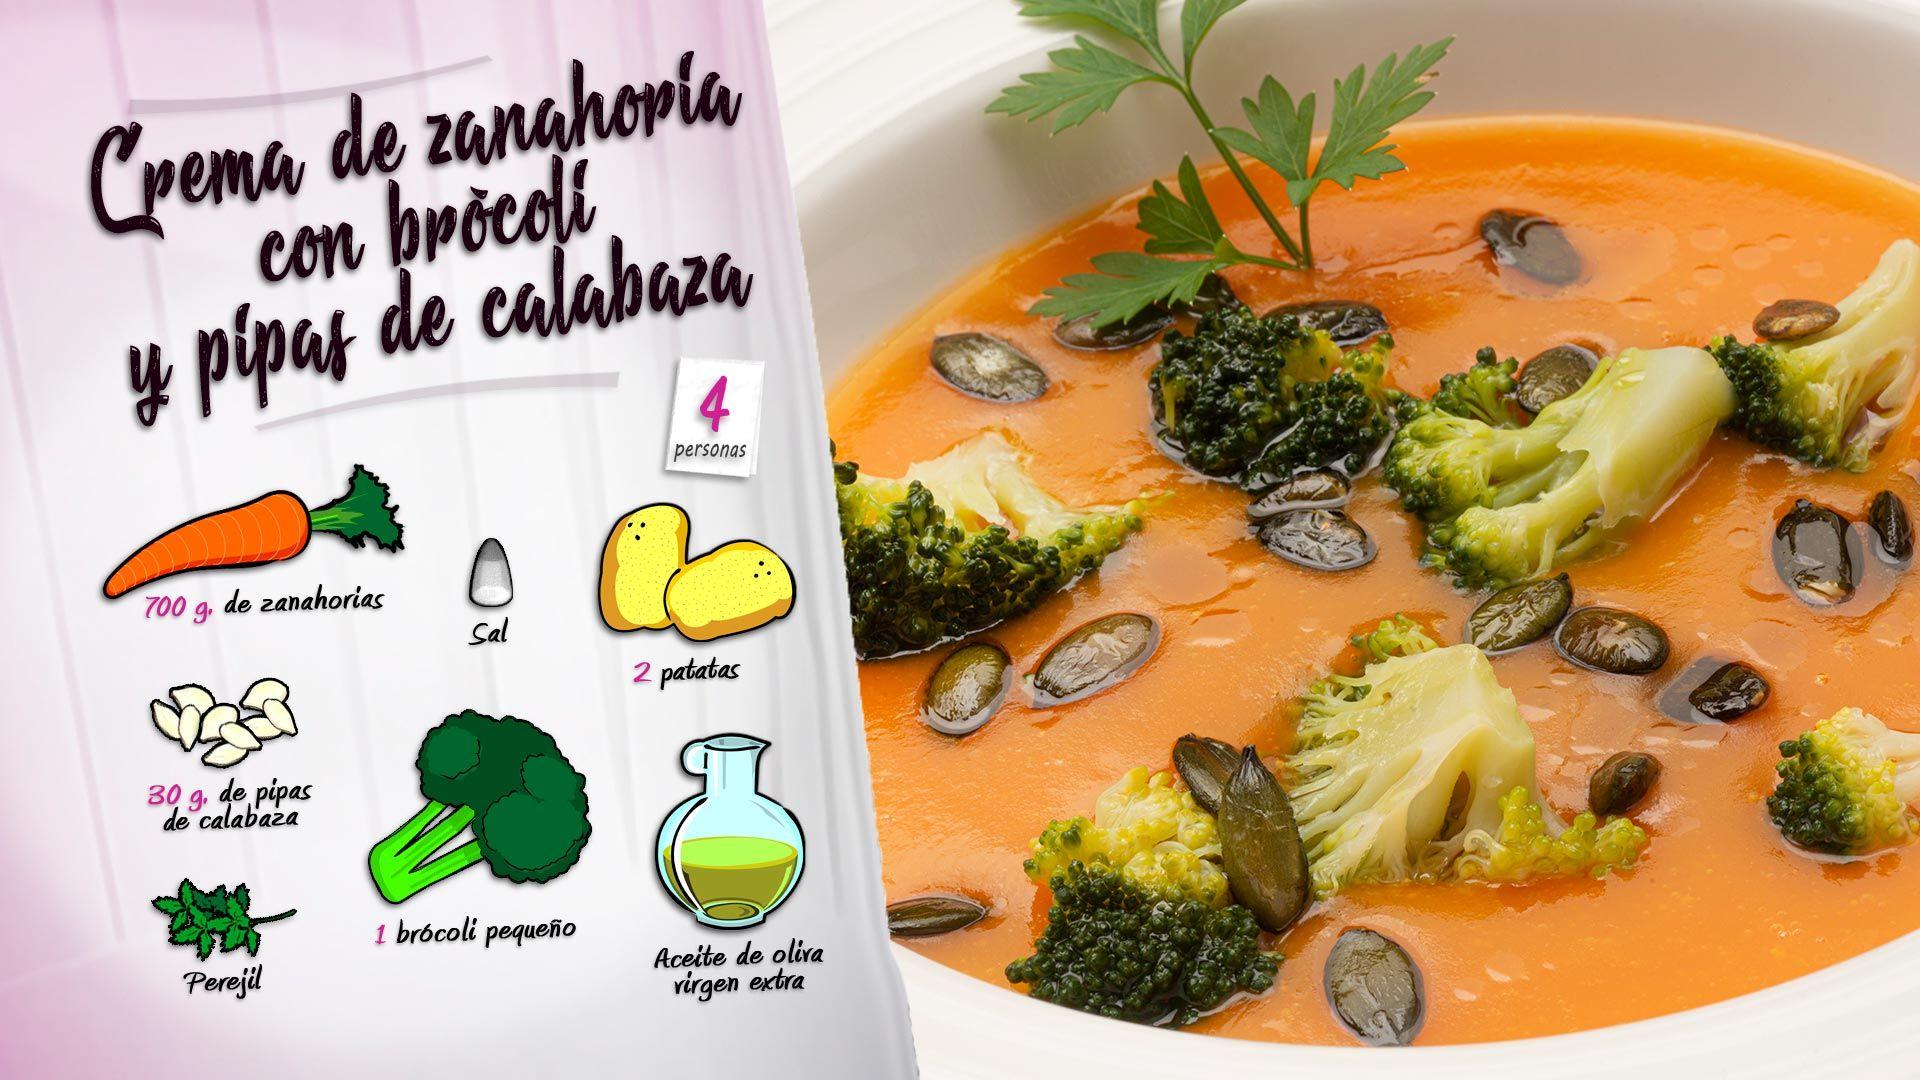 Crema de zanahoria con brócoli y pipas de calabaza